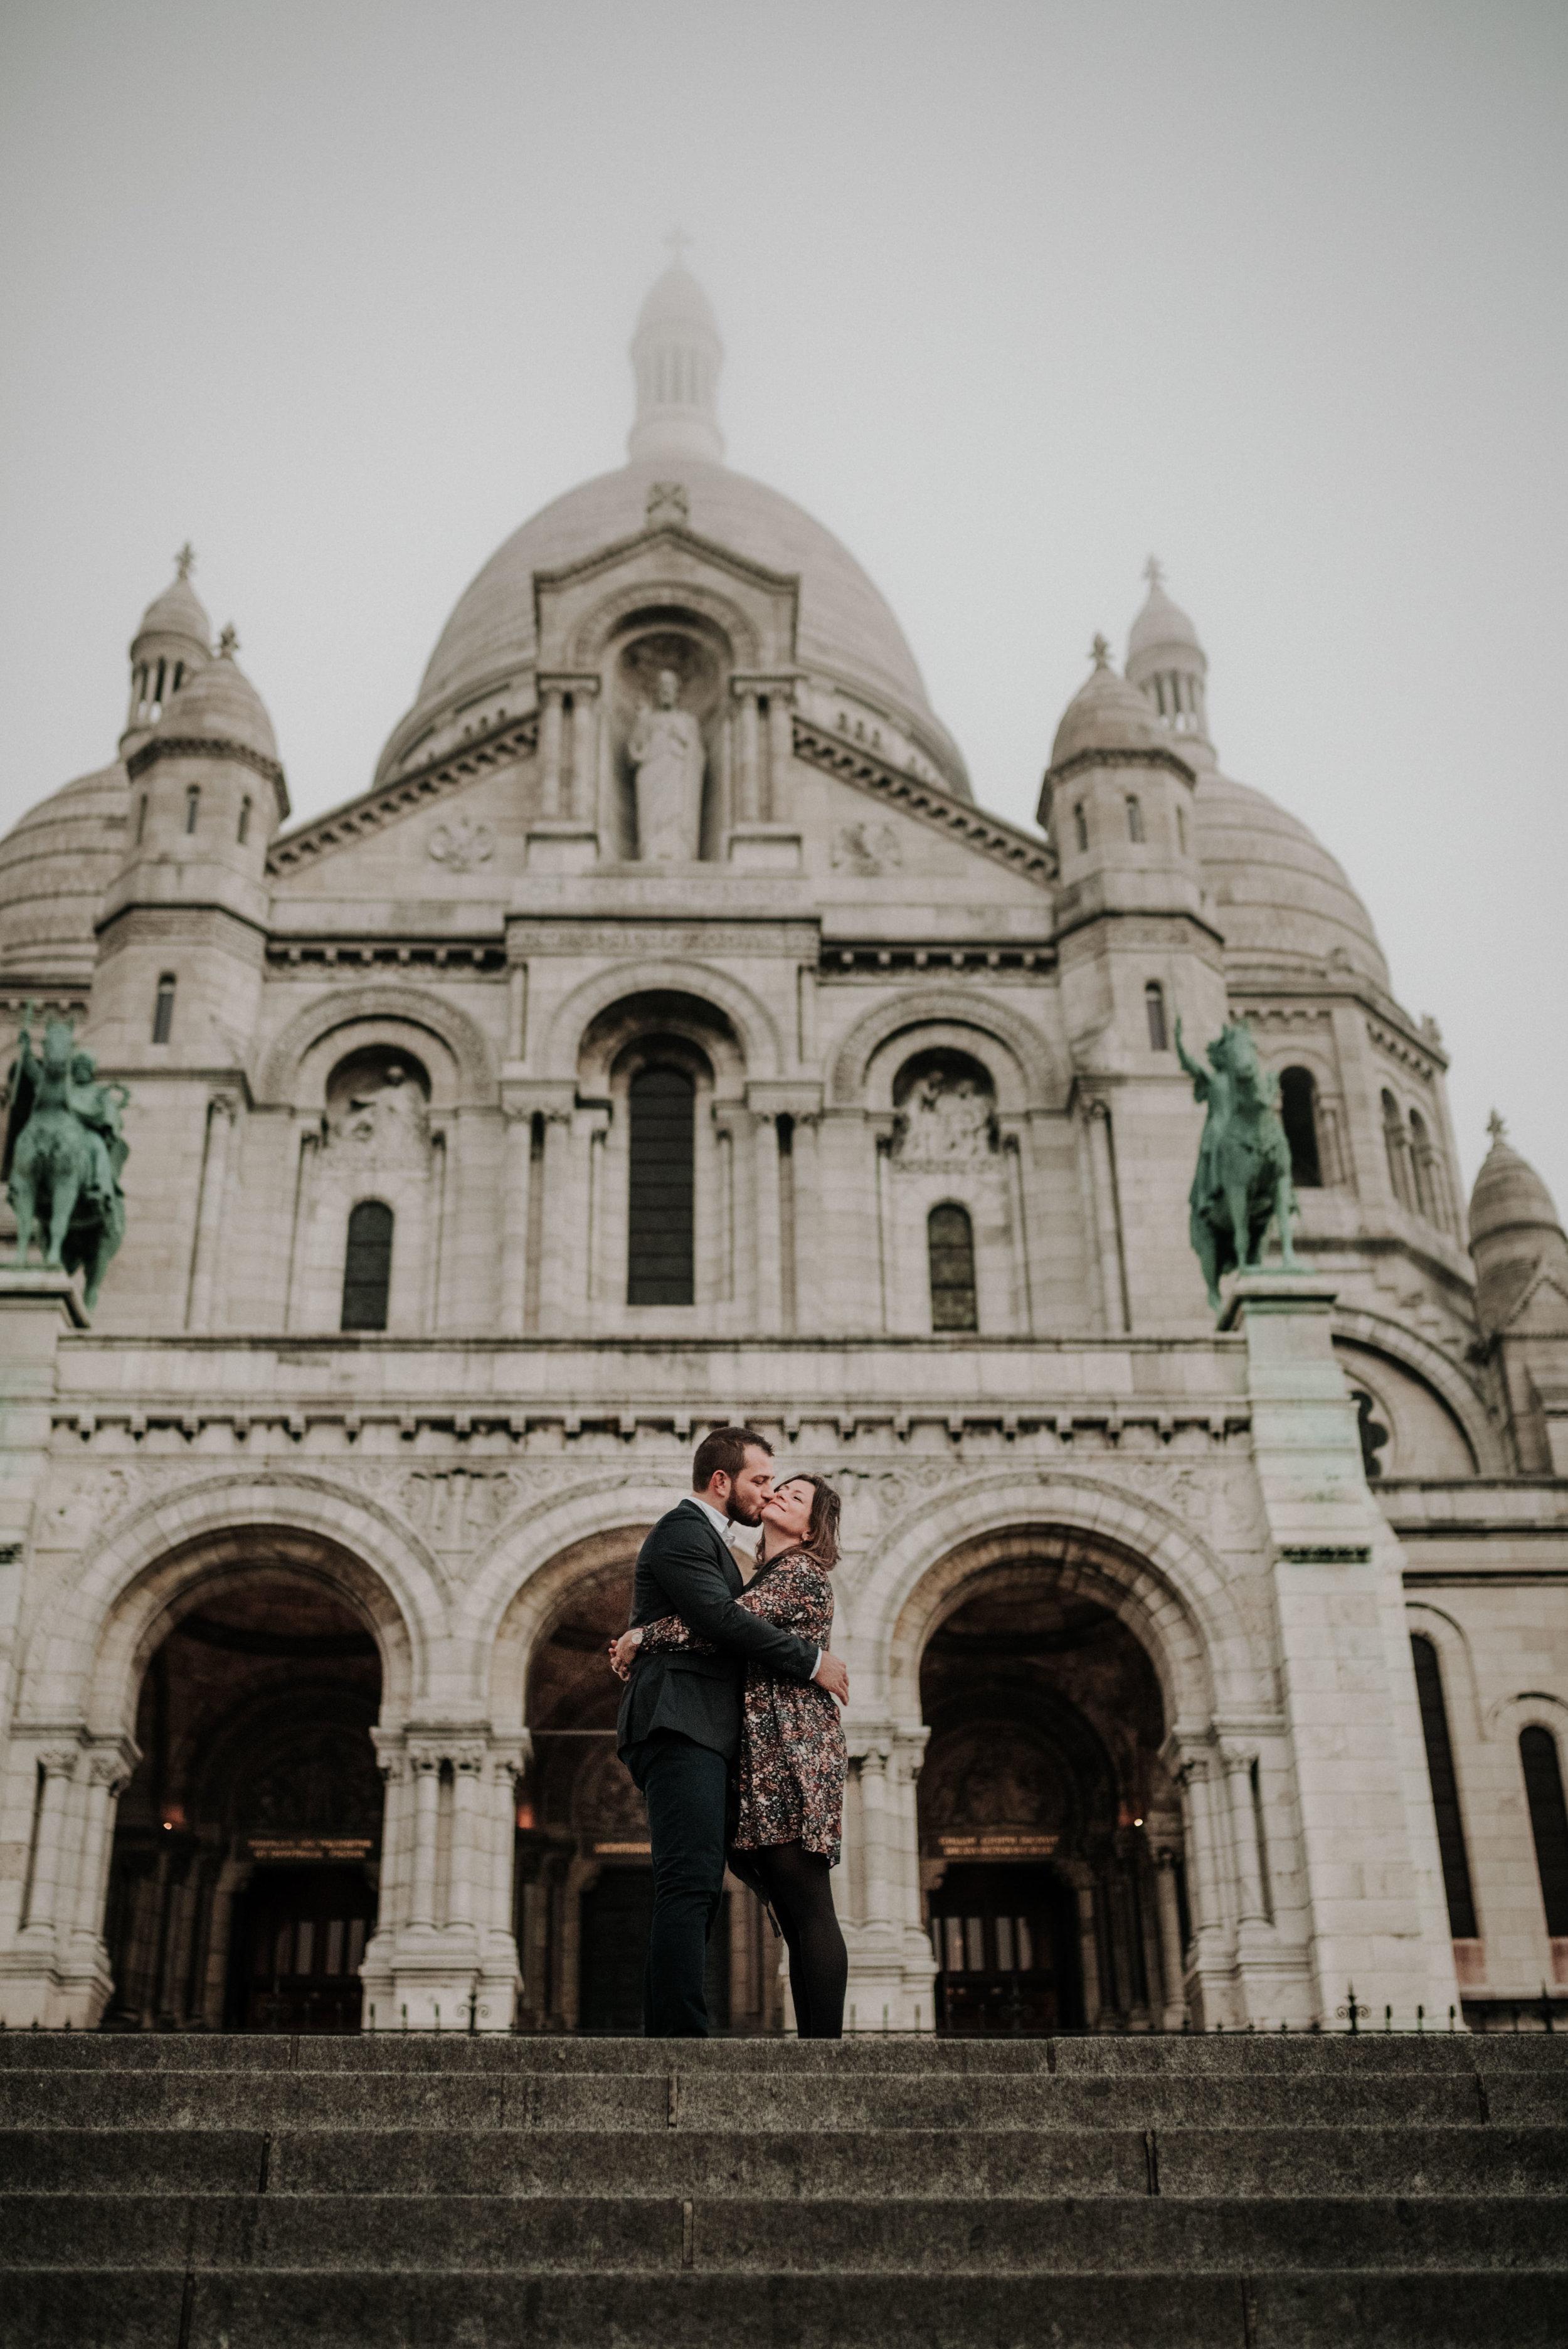 Léa-Fery-photographe-professionnel-lyon-rhone-alpes-portrait-creation-mariage-evenement-evenementiel-famille-4919.jpg